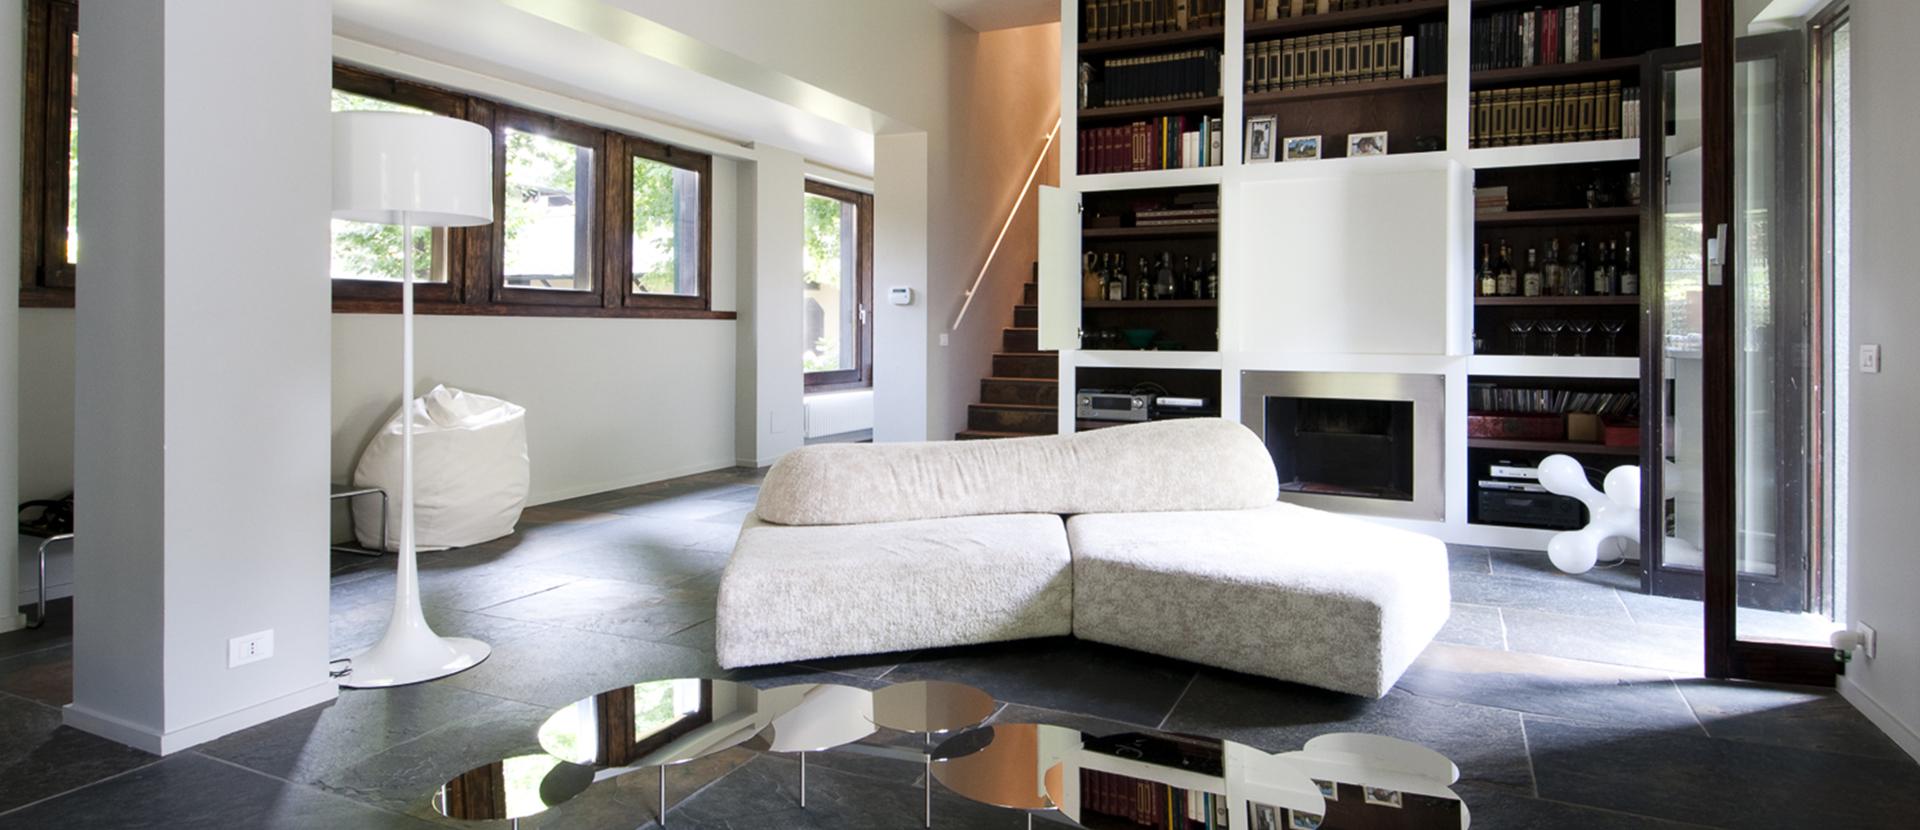 Casa si arredamenti srl realizzazione mobili su misura for Si arredamenti